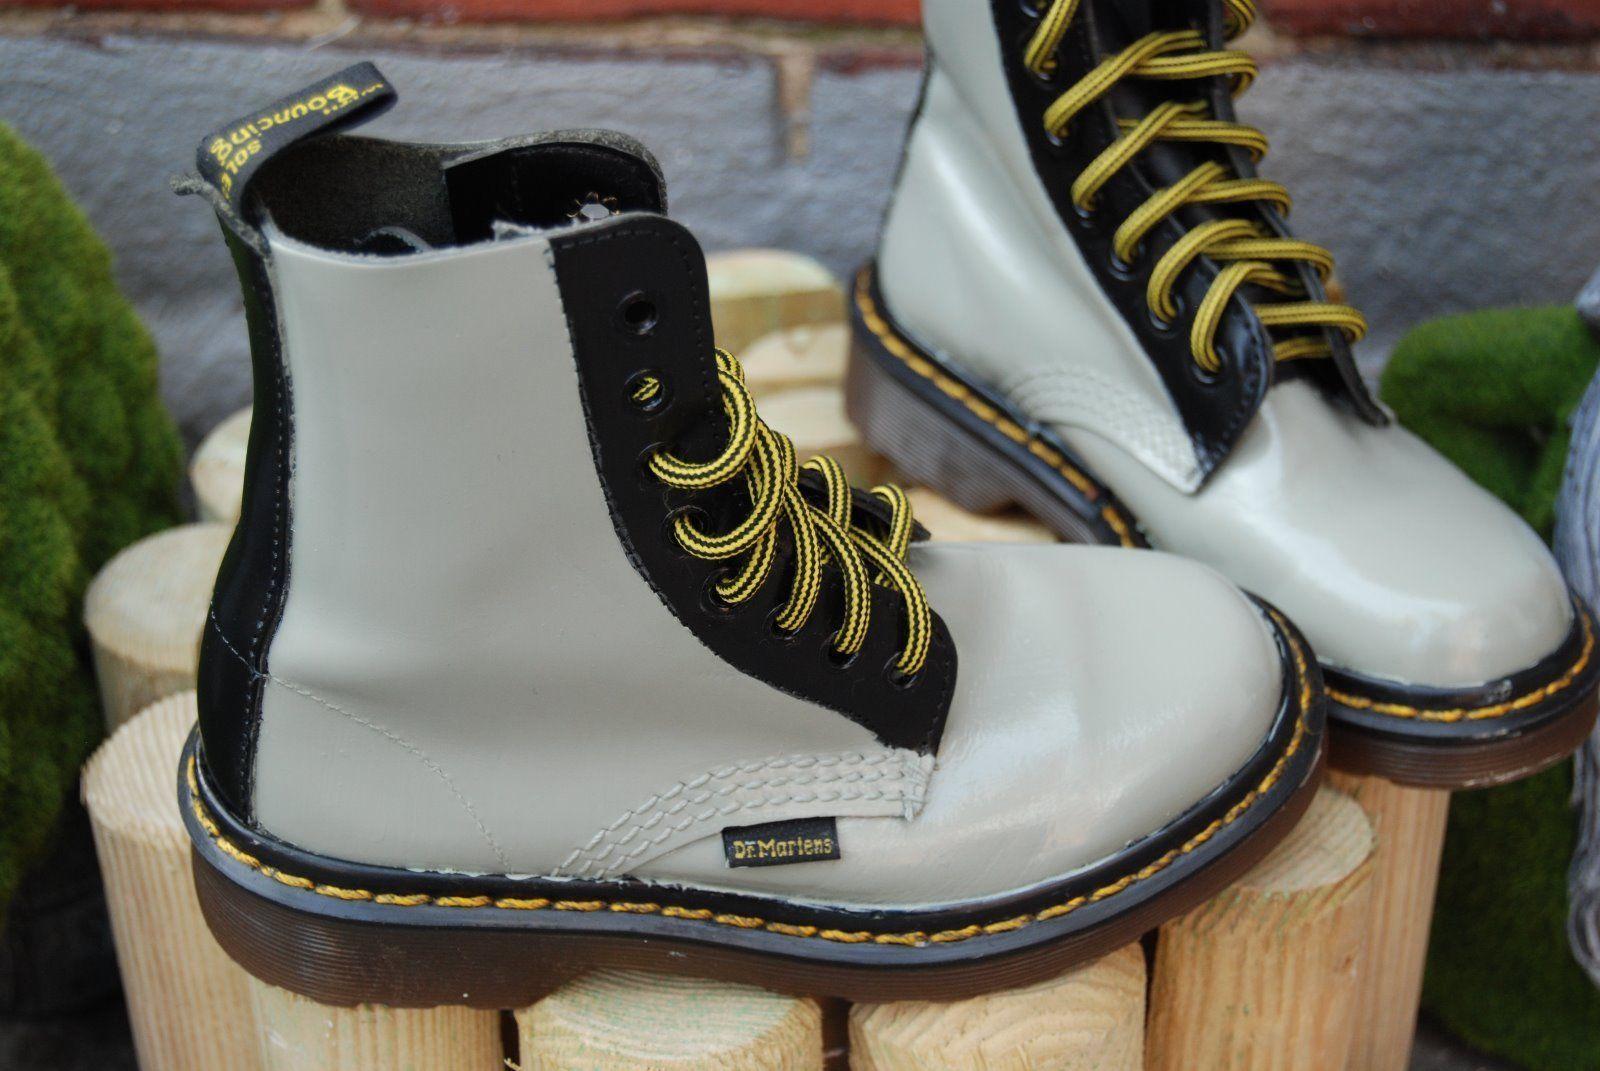 Dr Martens Boots, Custom, Sage greenBlack, Original. Child